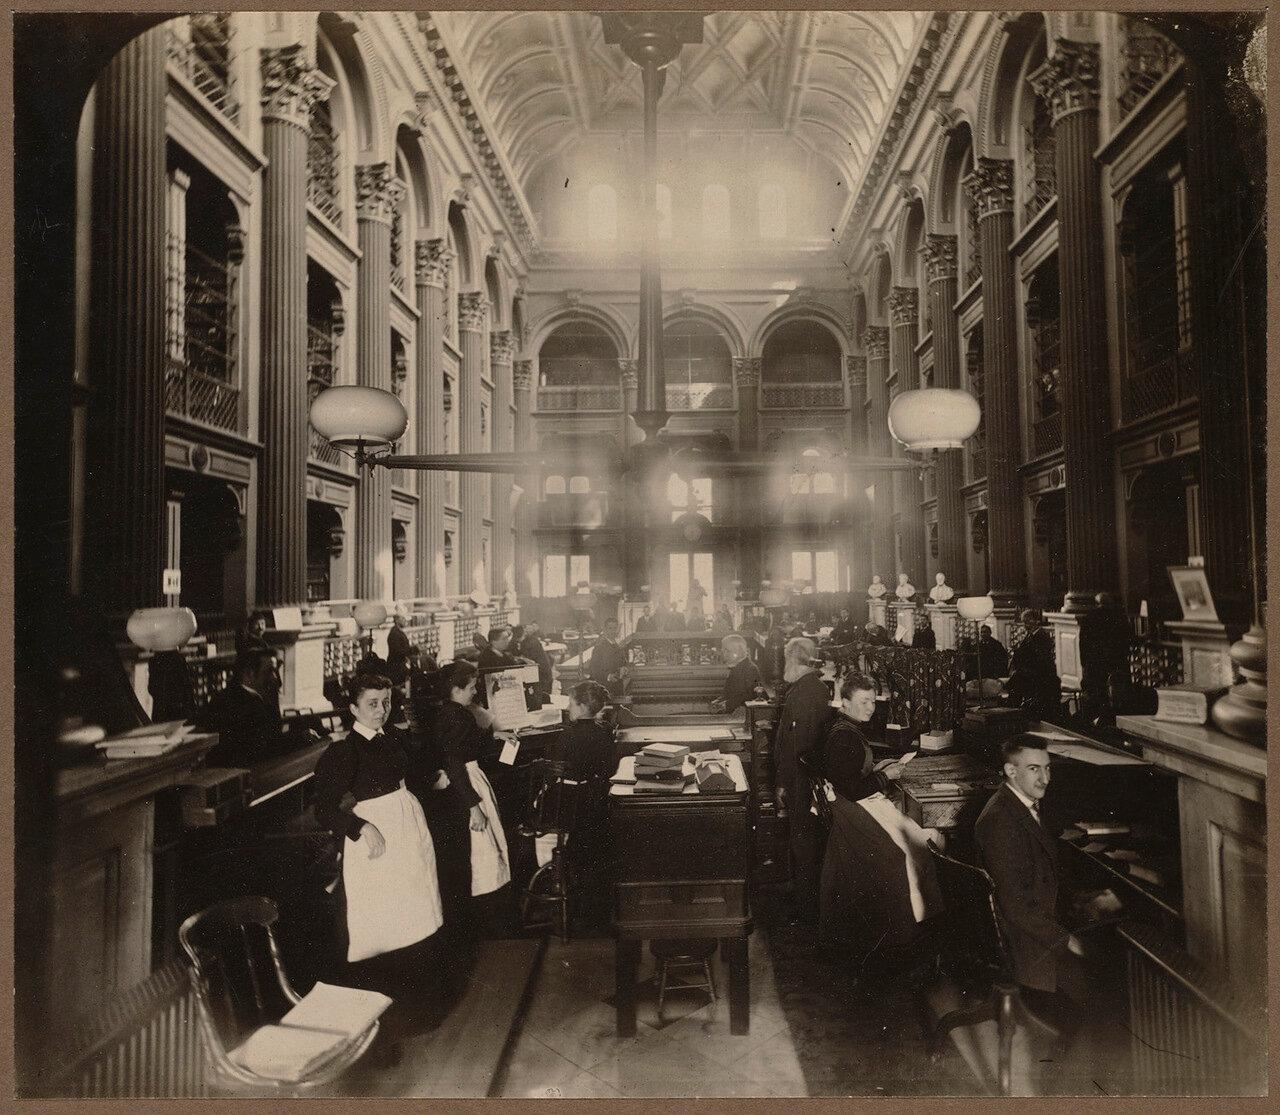 Бостонская публичная библиотека, Бойлстон-стрит. Зал Бейтса